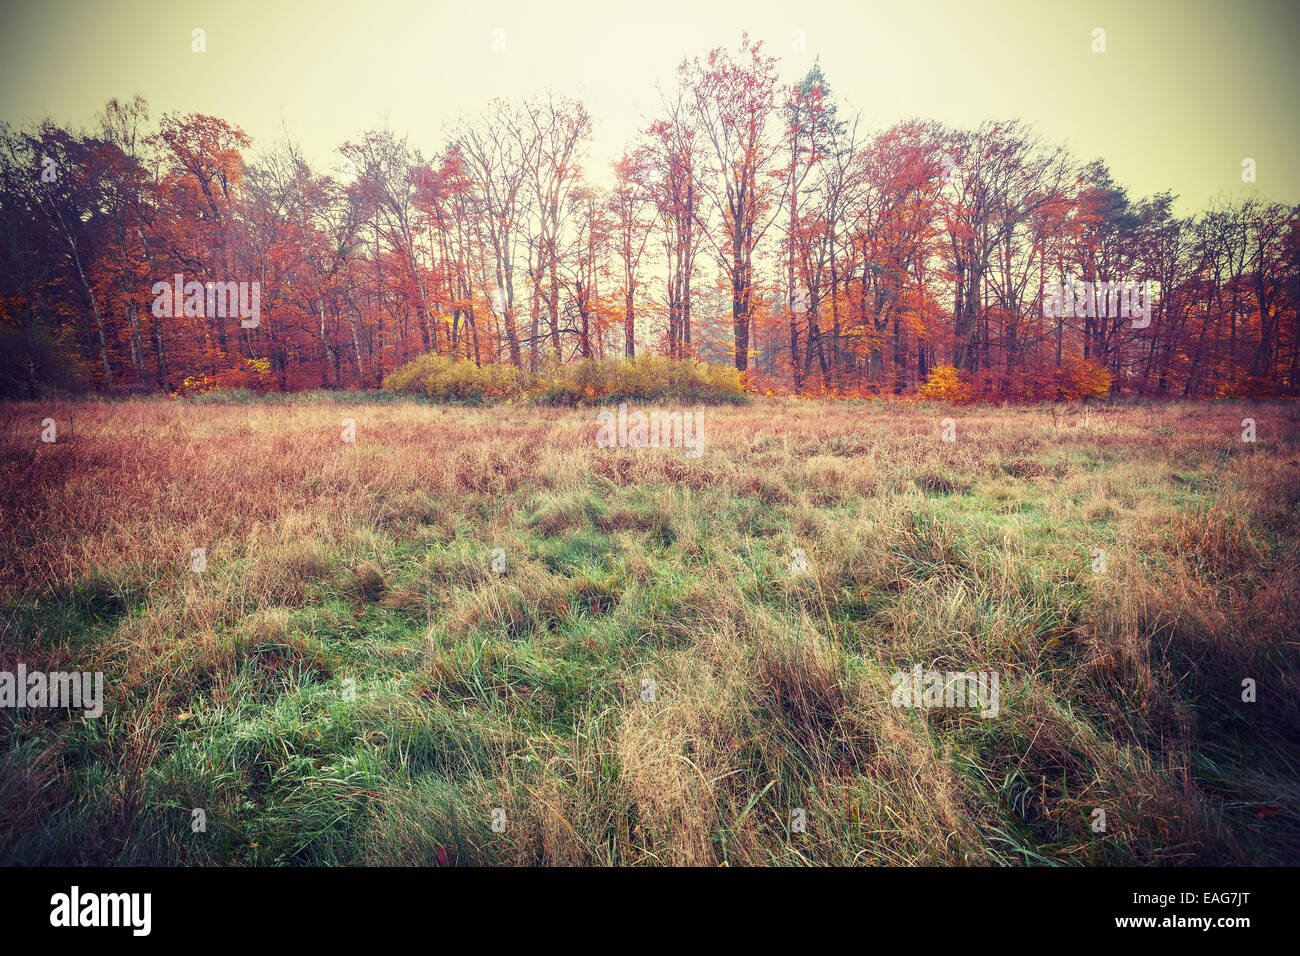 Vintage gefilterte Foto eines Herbst-Felds. Stockbild